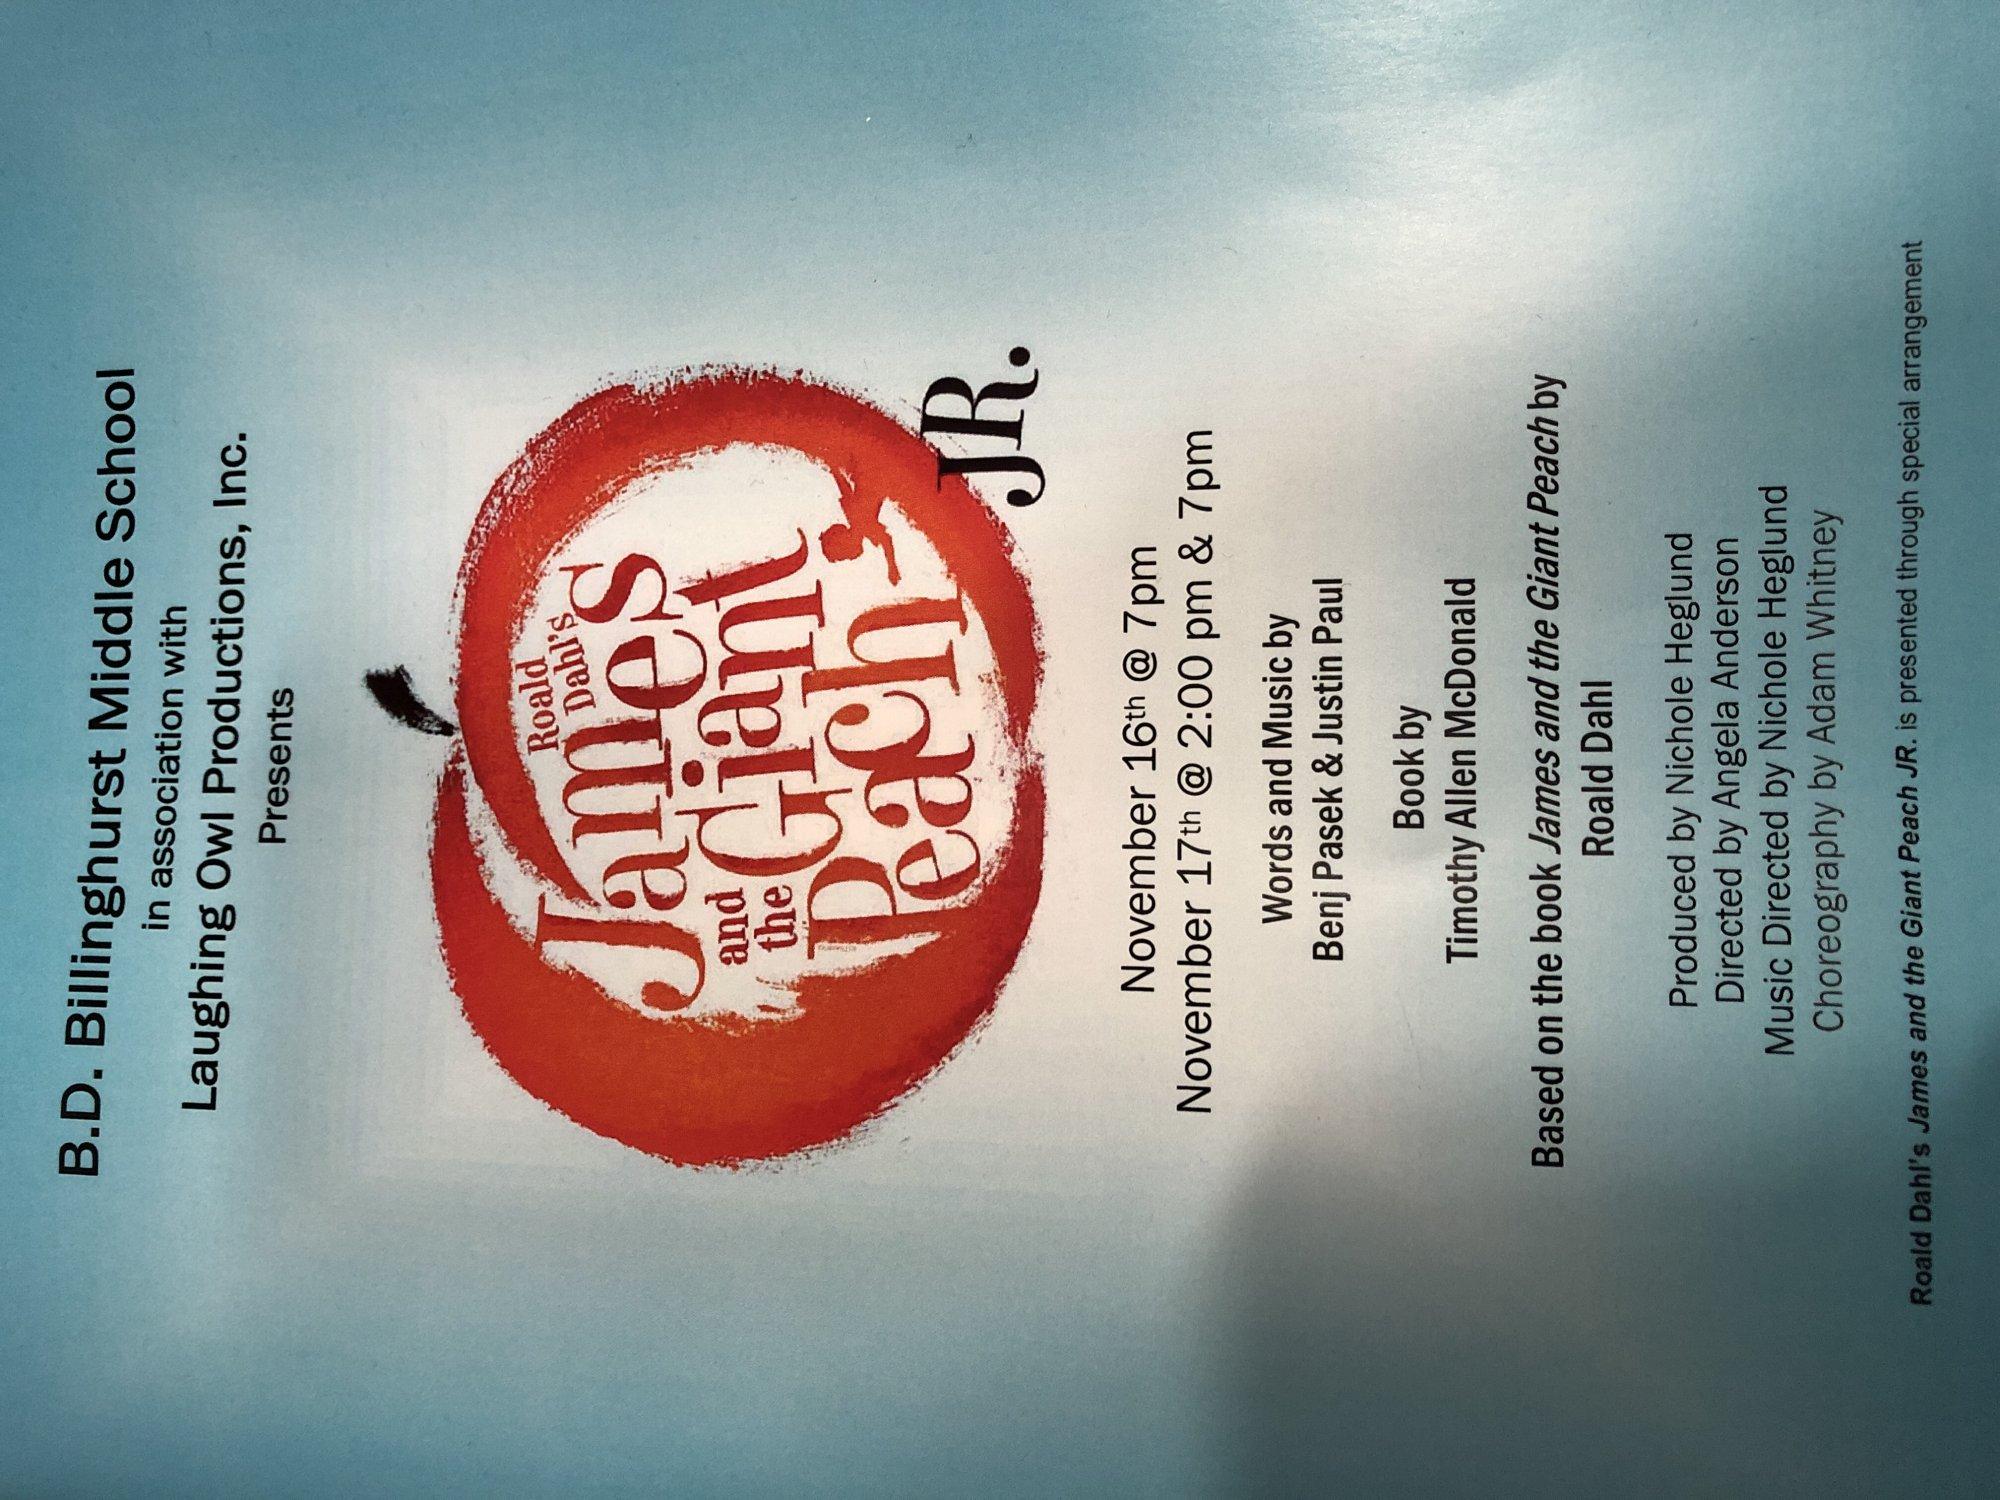 Billinghurst School Musical DVD - 7pm performance